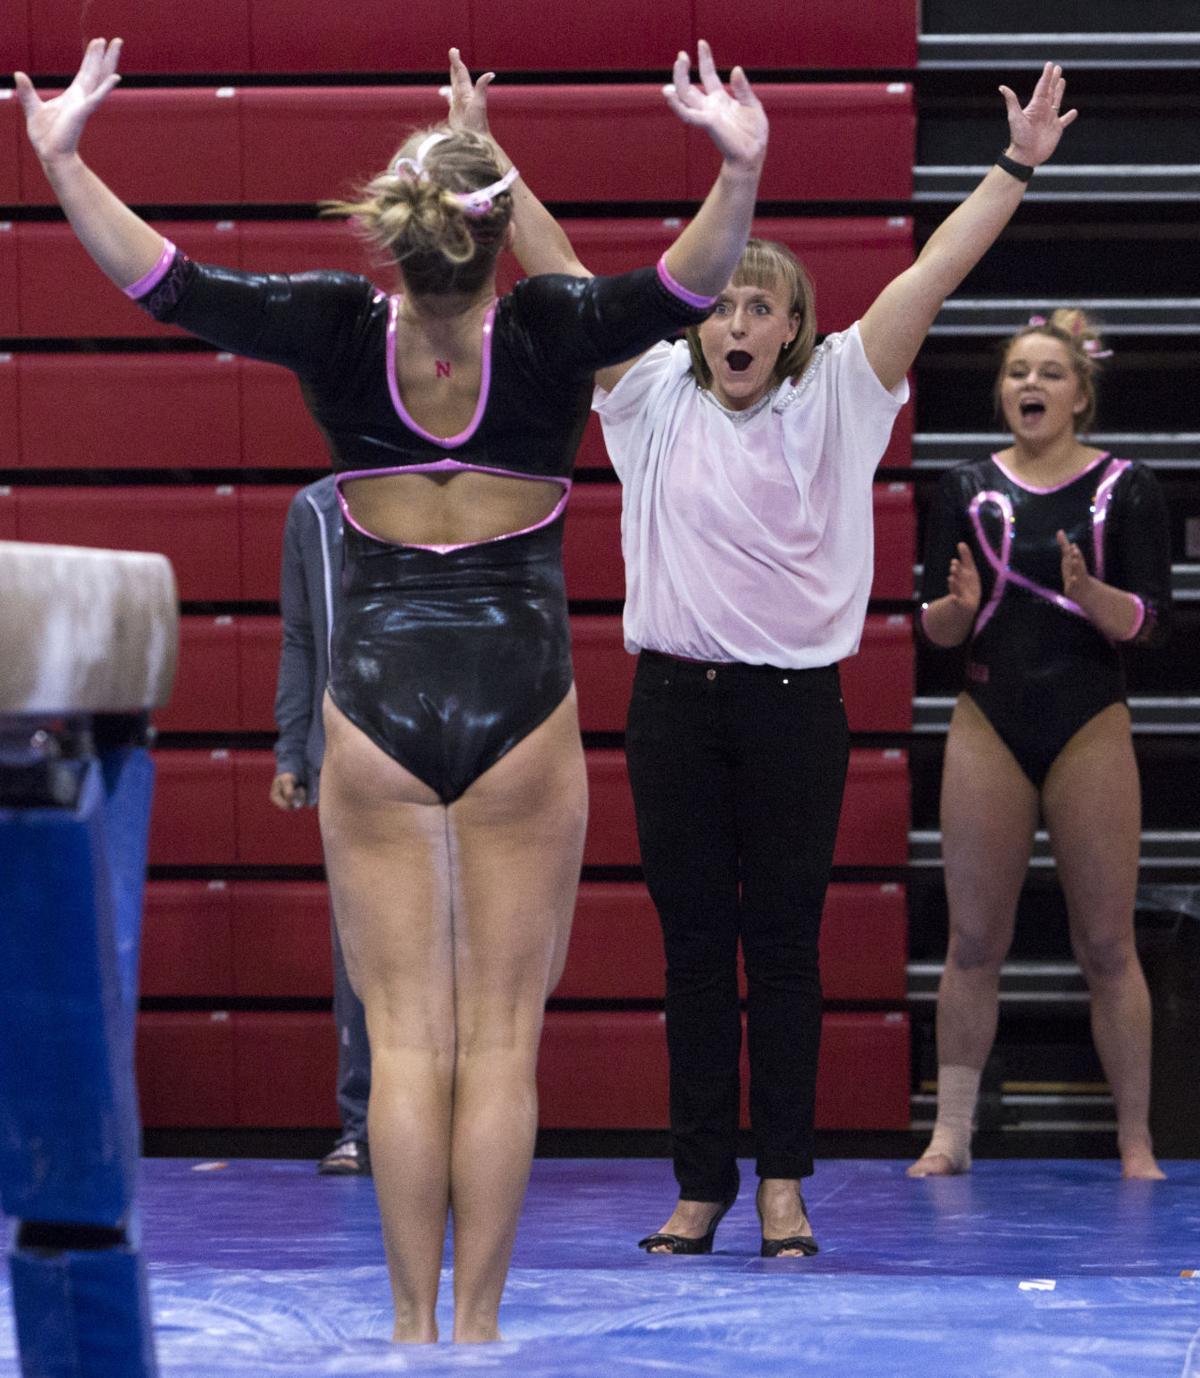 Image Resize Home Again Husker Womens Gymnasts Shine Gymnastics